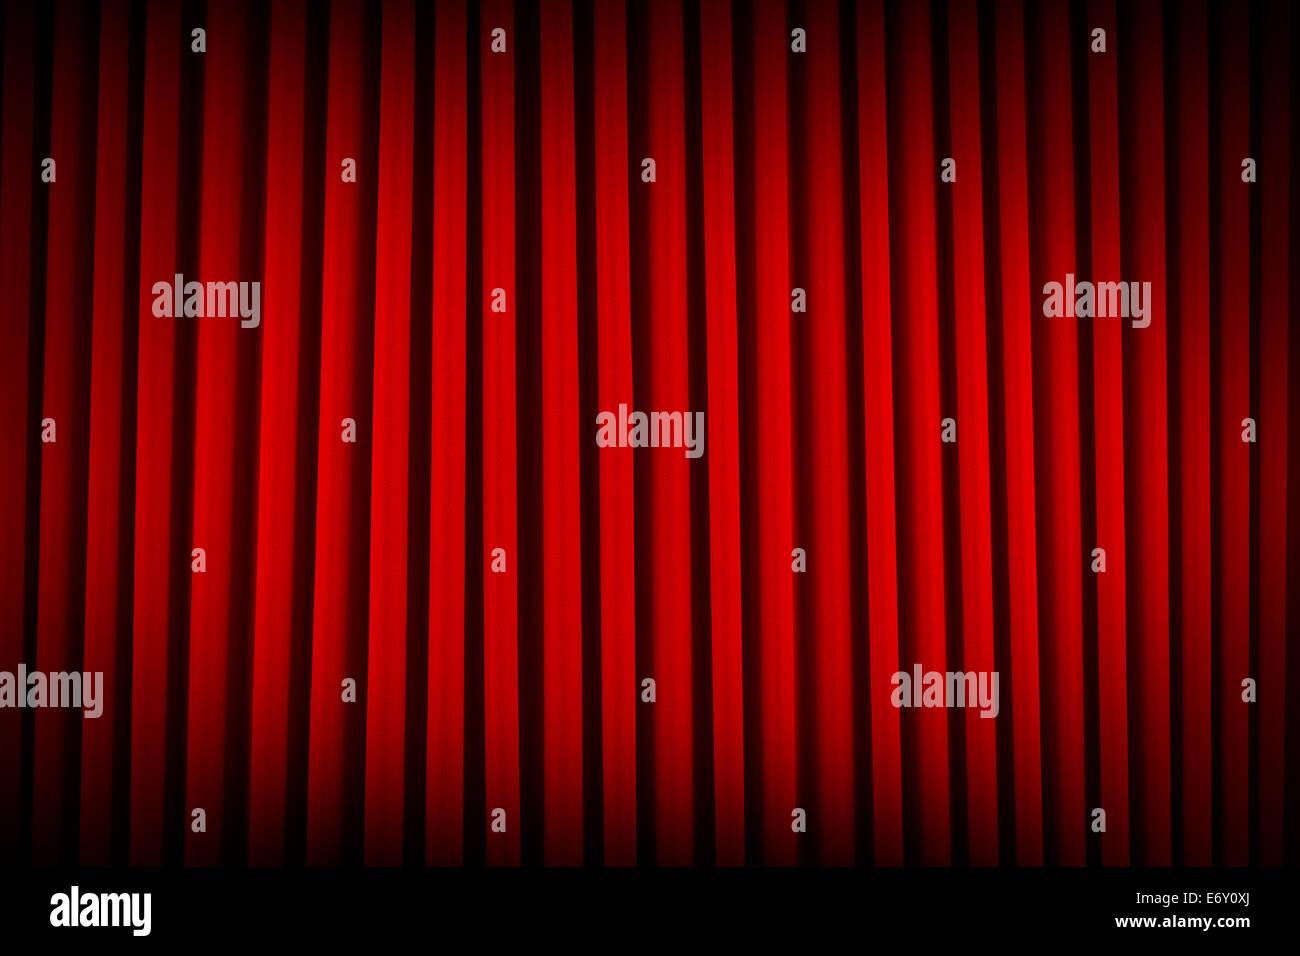 Red Velvet Kino Vorhänge verdunkeln ausgeleuchteten Hintergrund. Stockbild